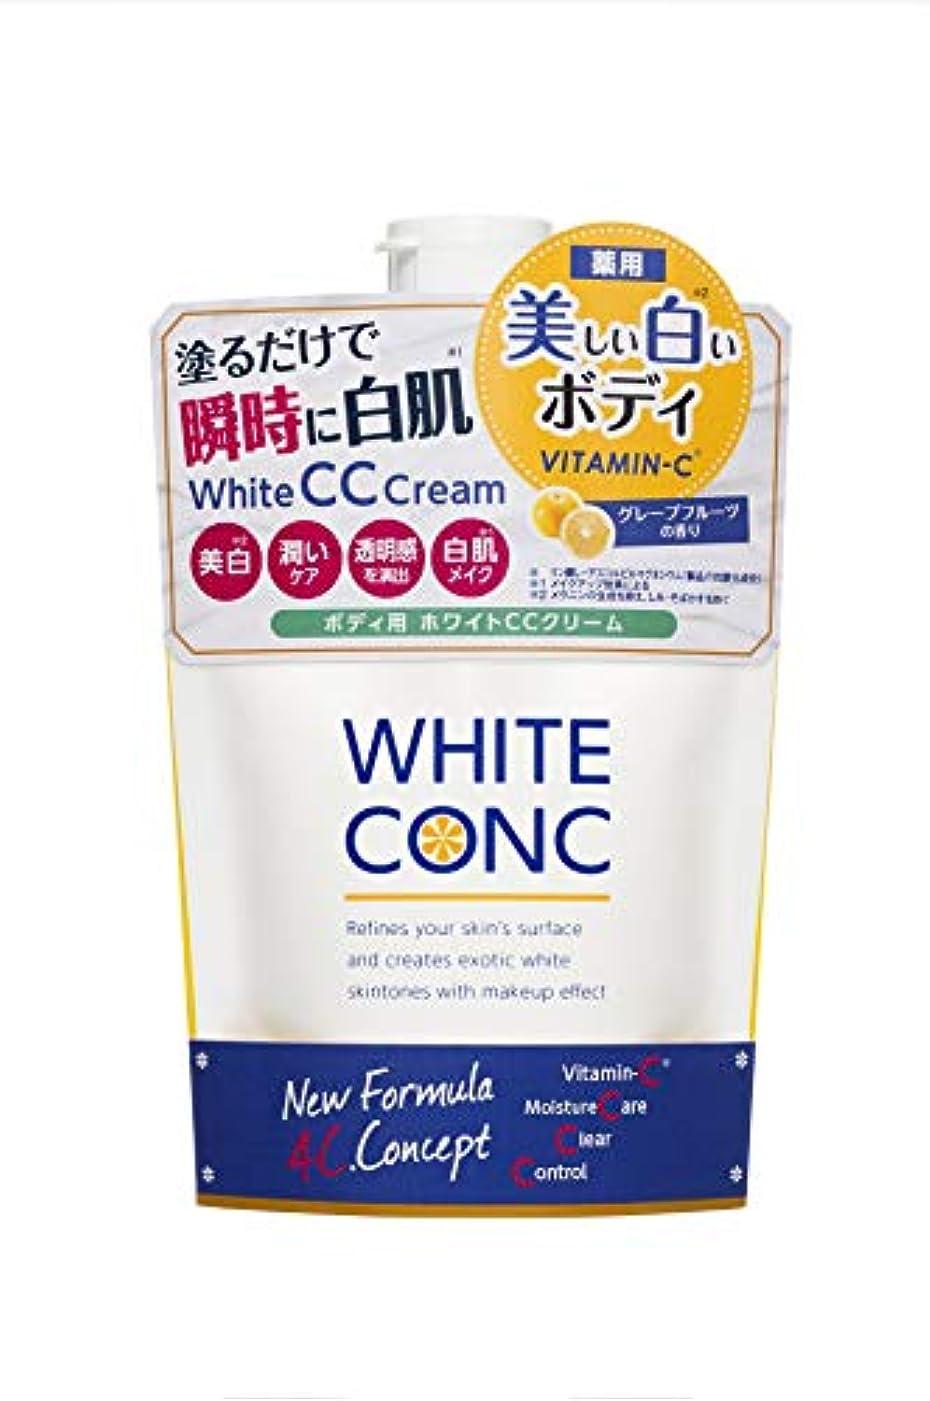 仲間冷淡な死にかけている薬用ホワイトコンク ホワイトニングCCクリーム CII 200g